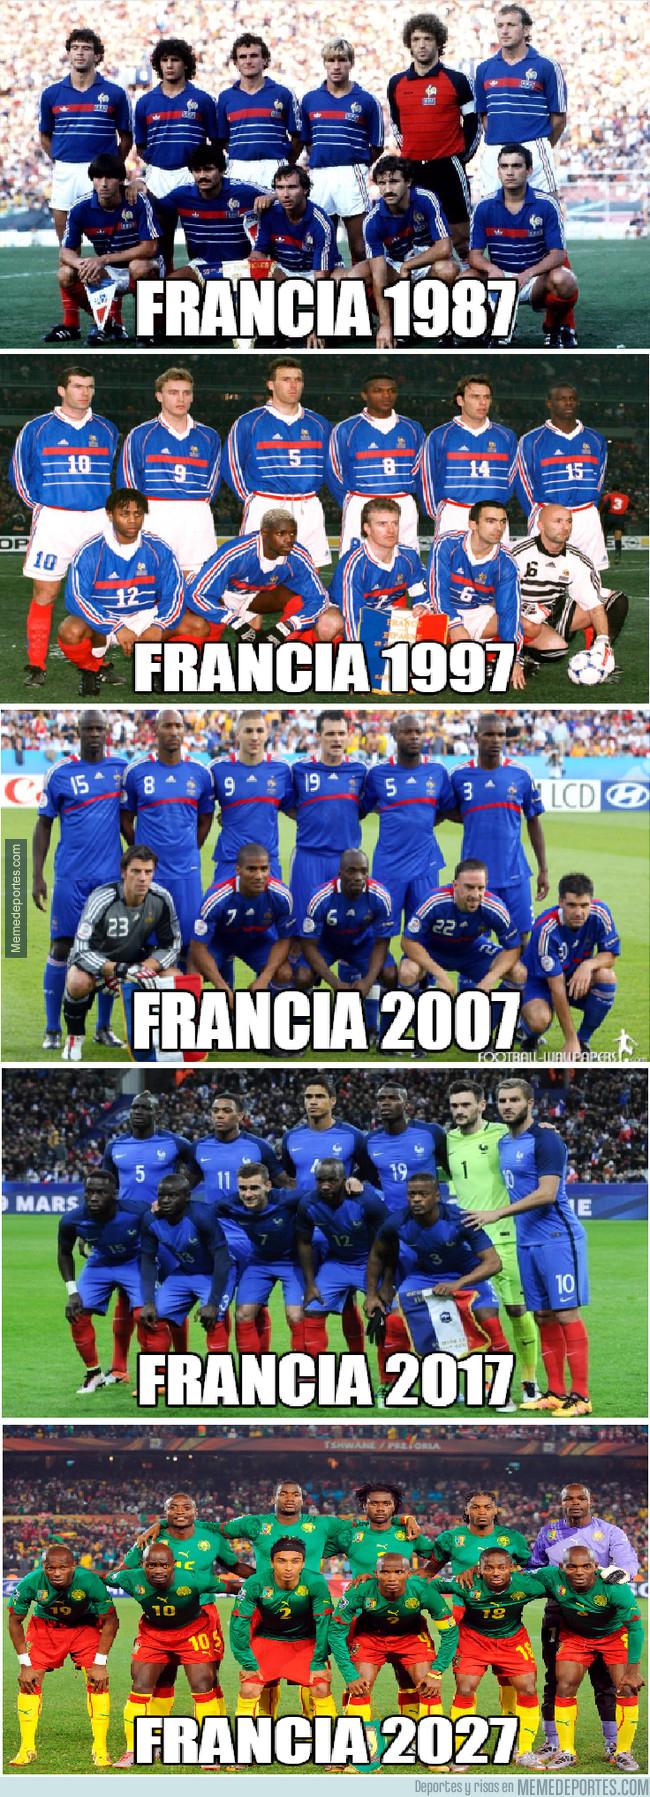 997679 - La evolución de Francia...